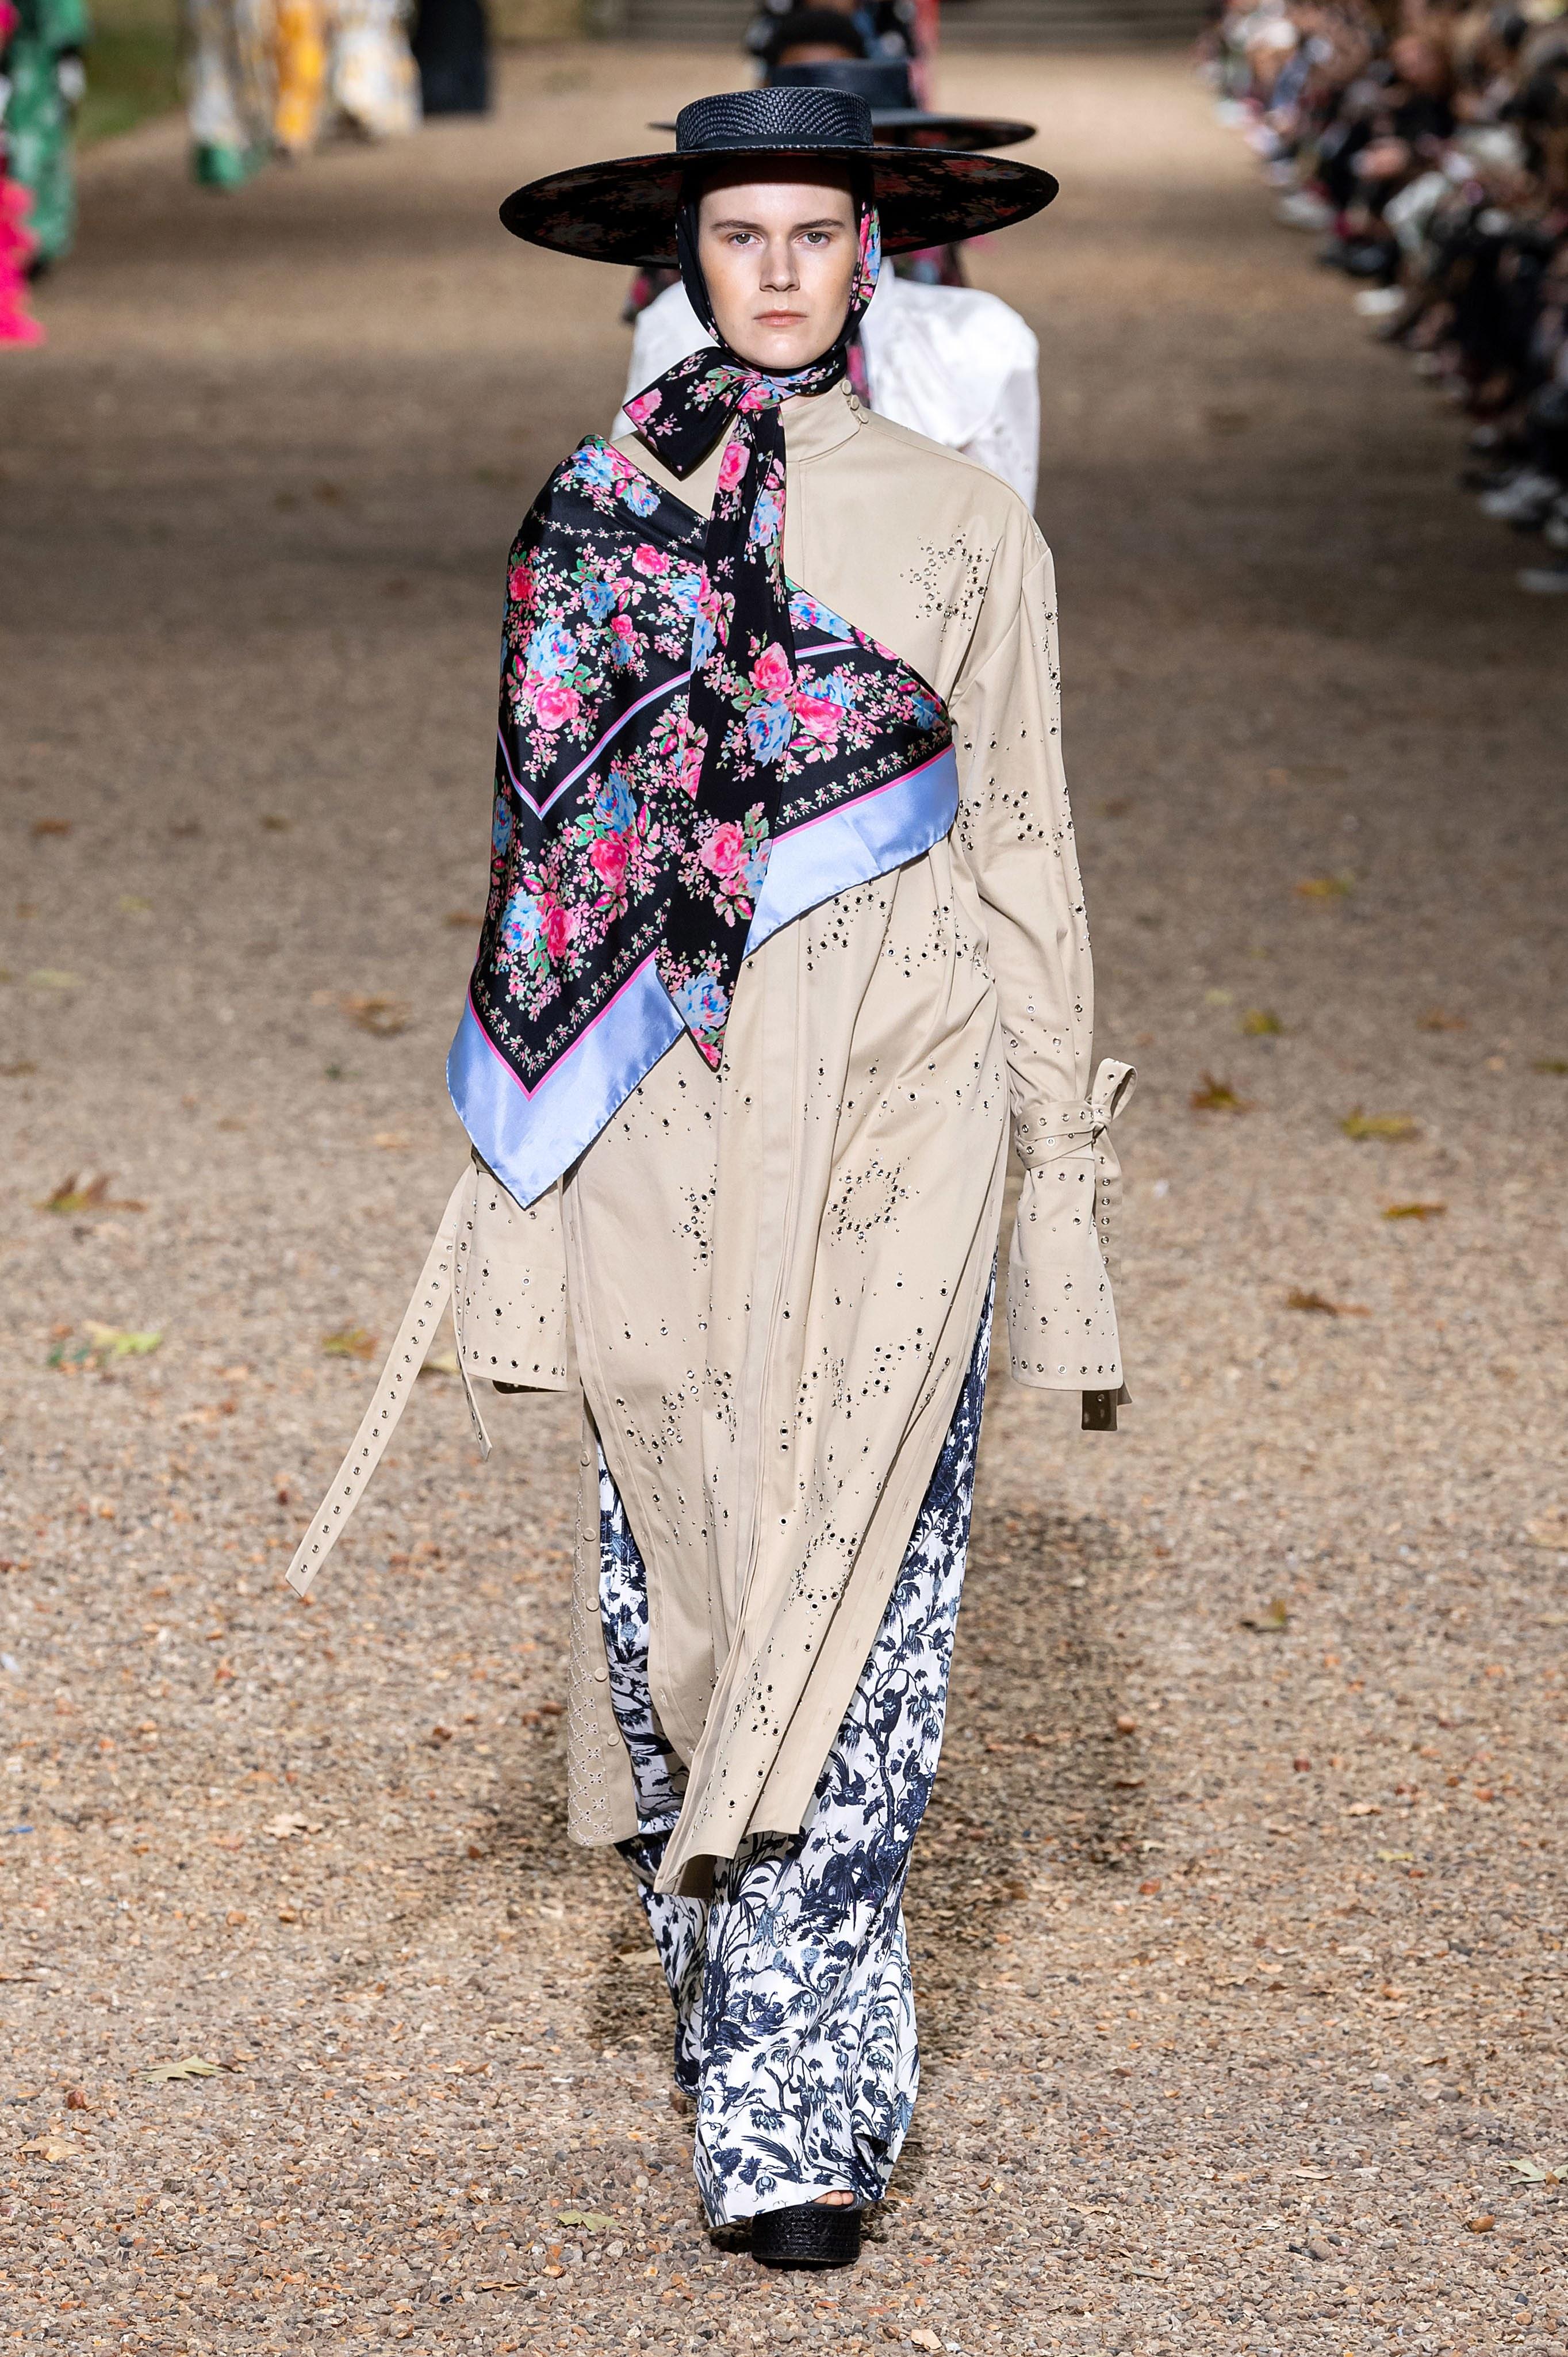 chi tiết khăn lụa kết hợp áo khoác bộ sưu tập erdem xuân hè 2020